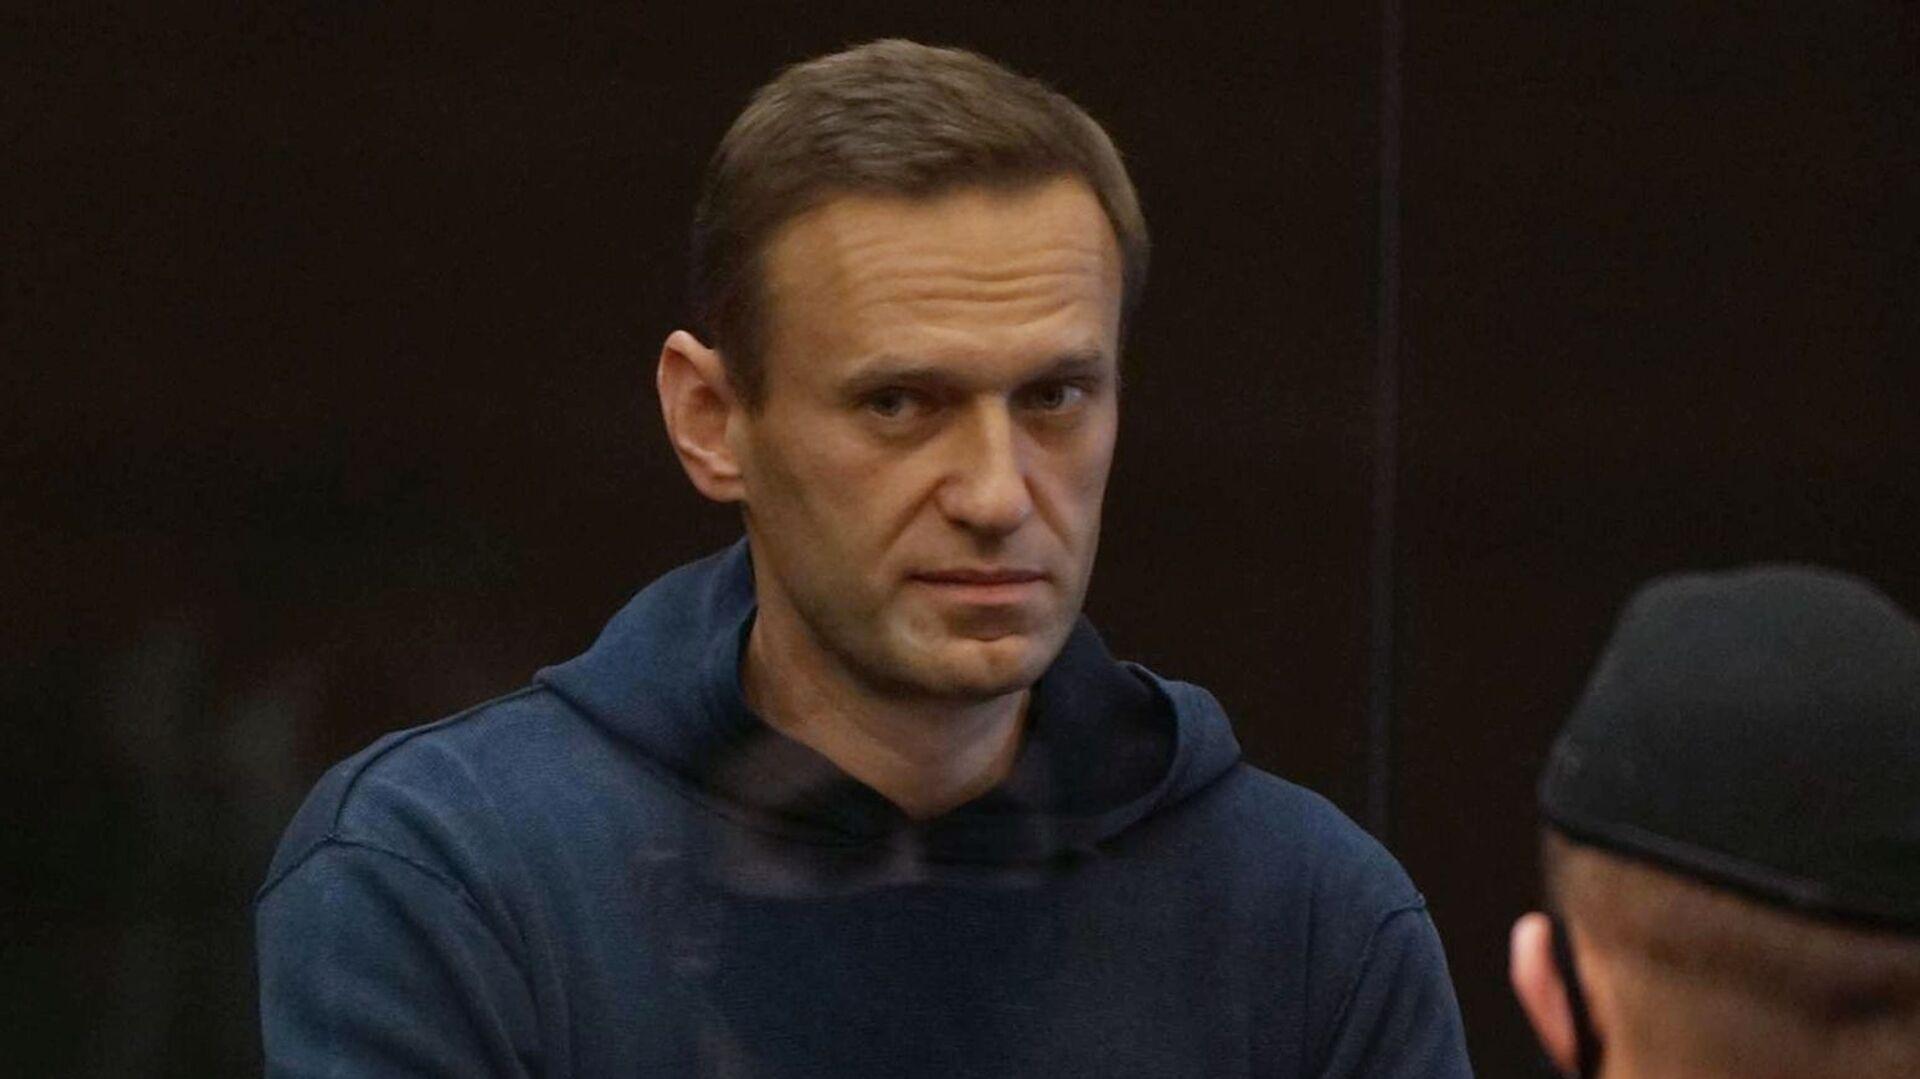 Ruski opozicionar Aleksej Navaljni tokom suđenja u Moskvi - Sputnik Srbija, 1920, 15.02.2021